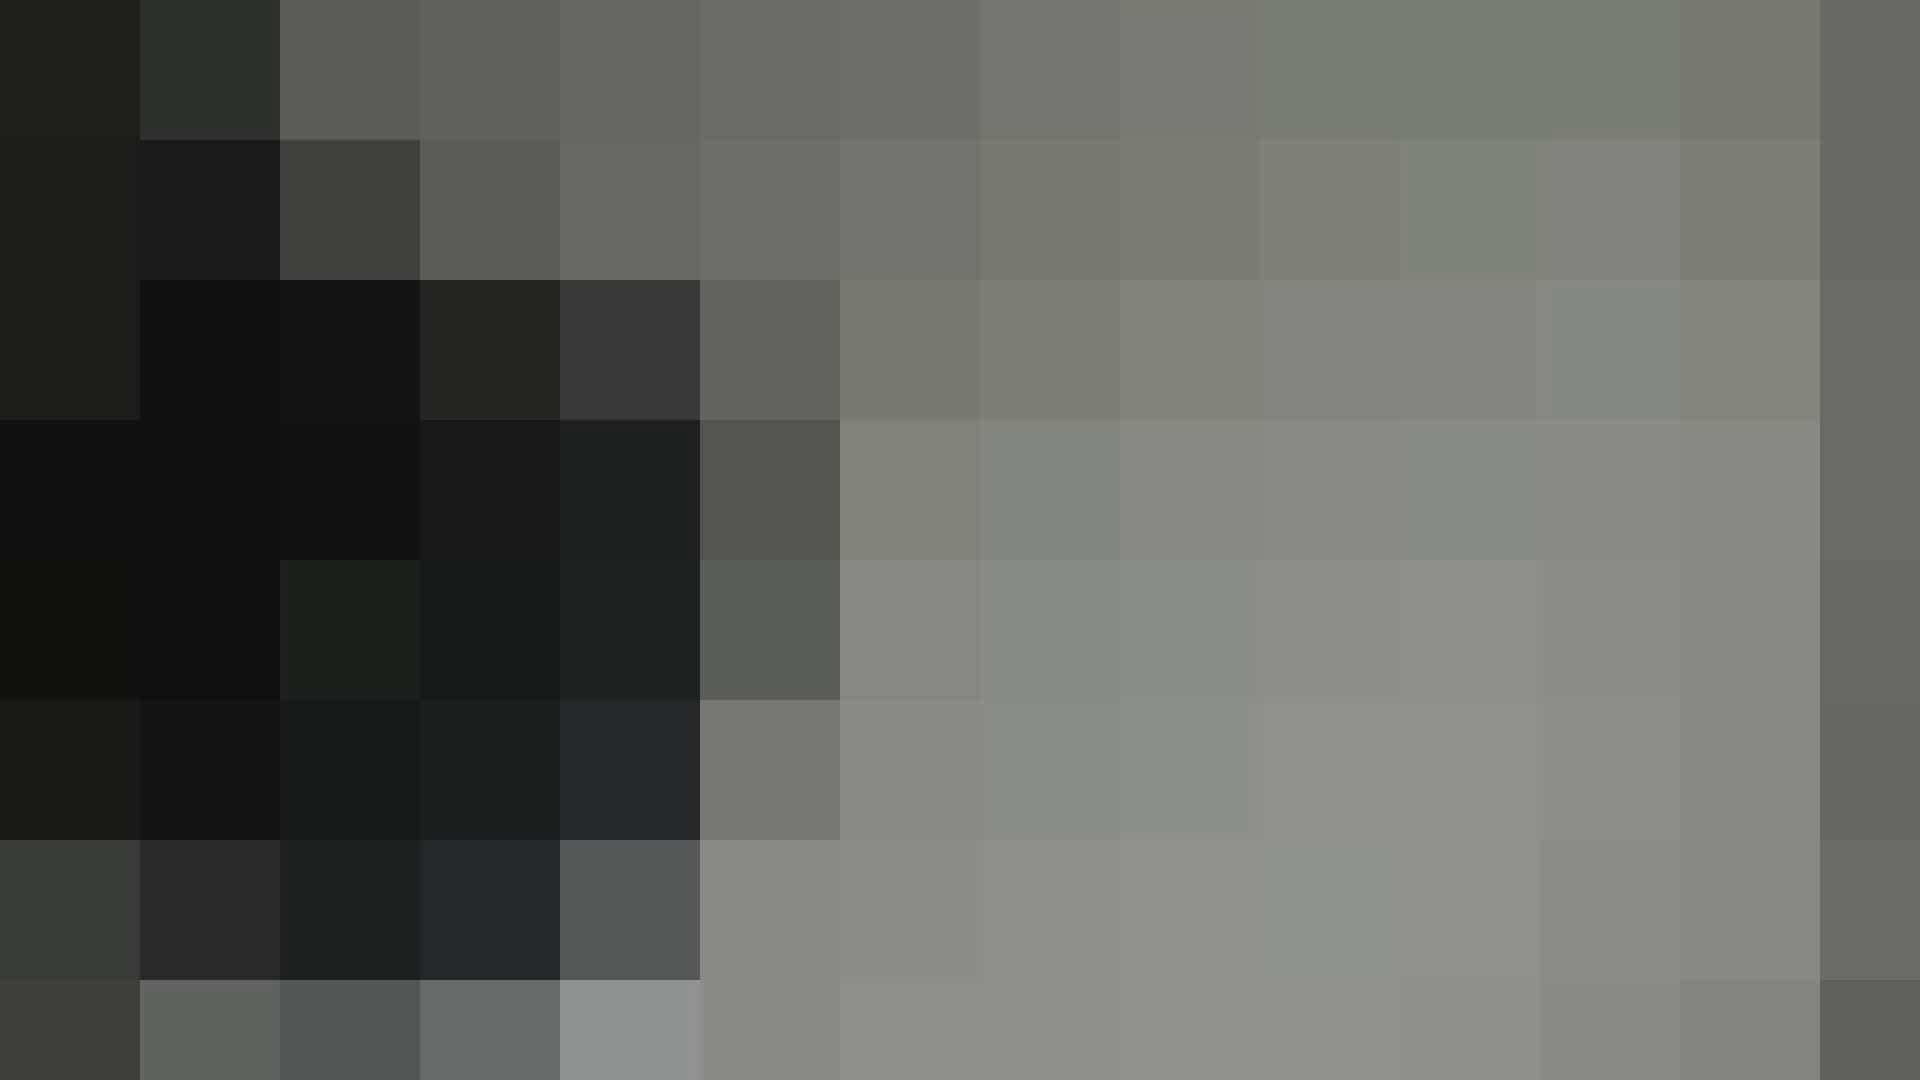 世界の射窓から vol.44 お上品そうな ギャル攻め ワレメ無修正動画無料 83画像 12